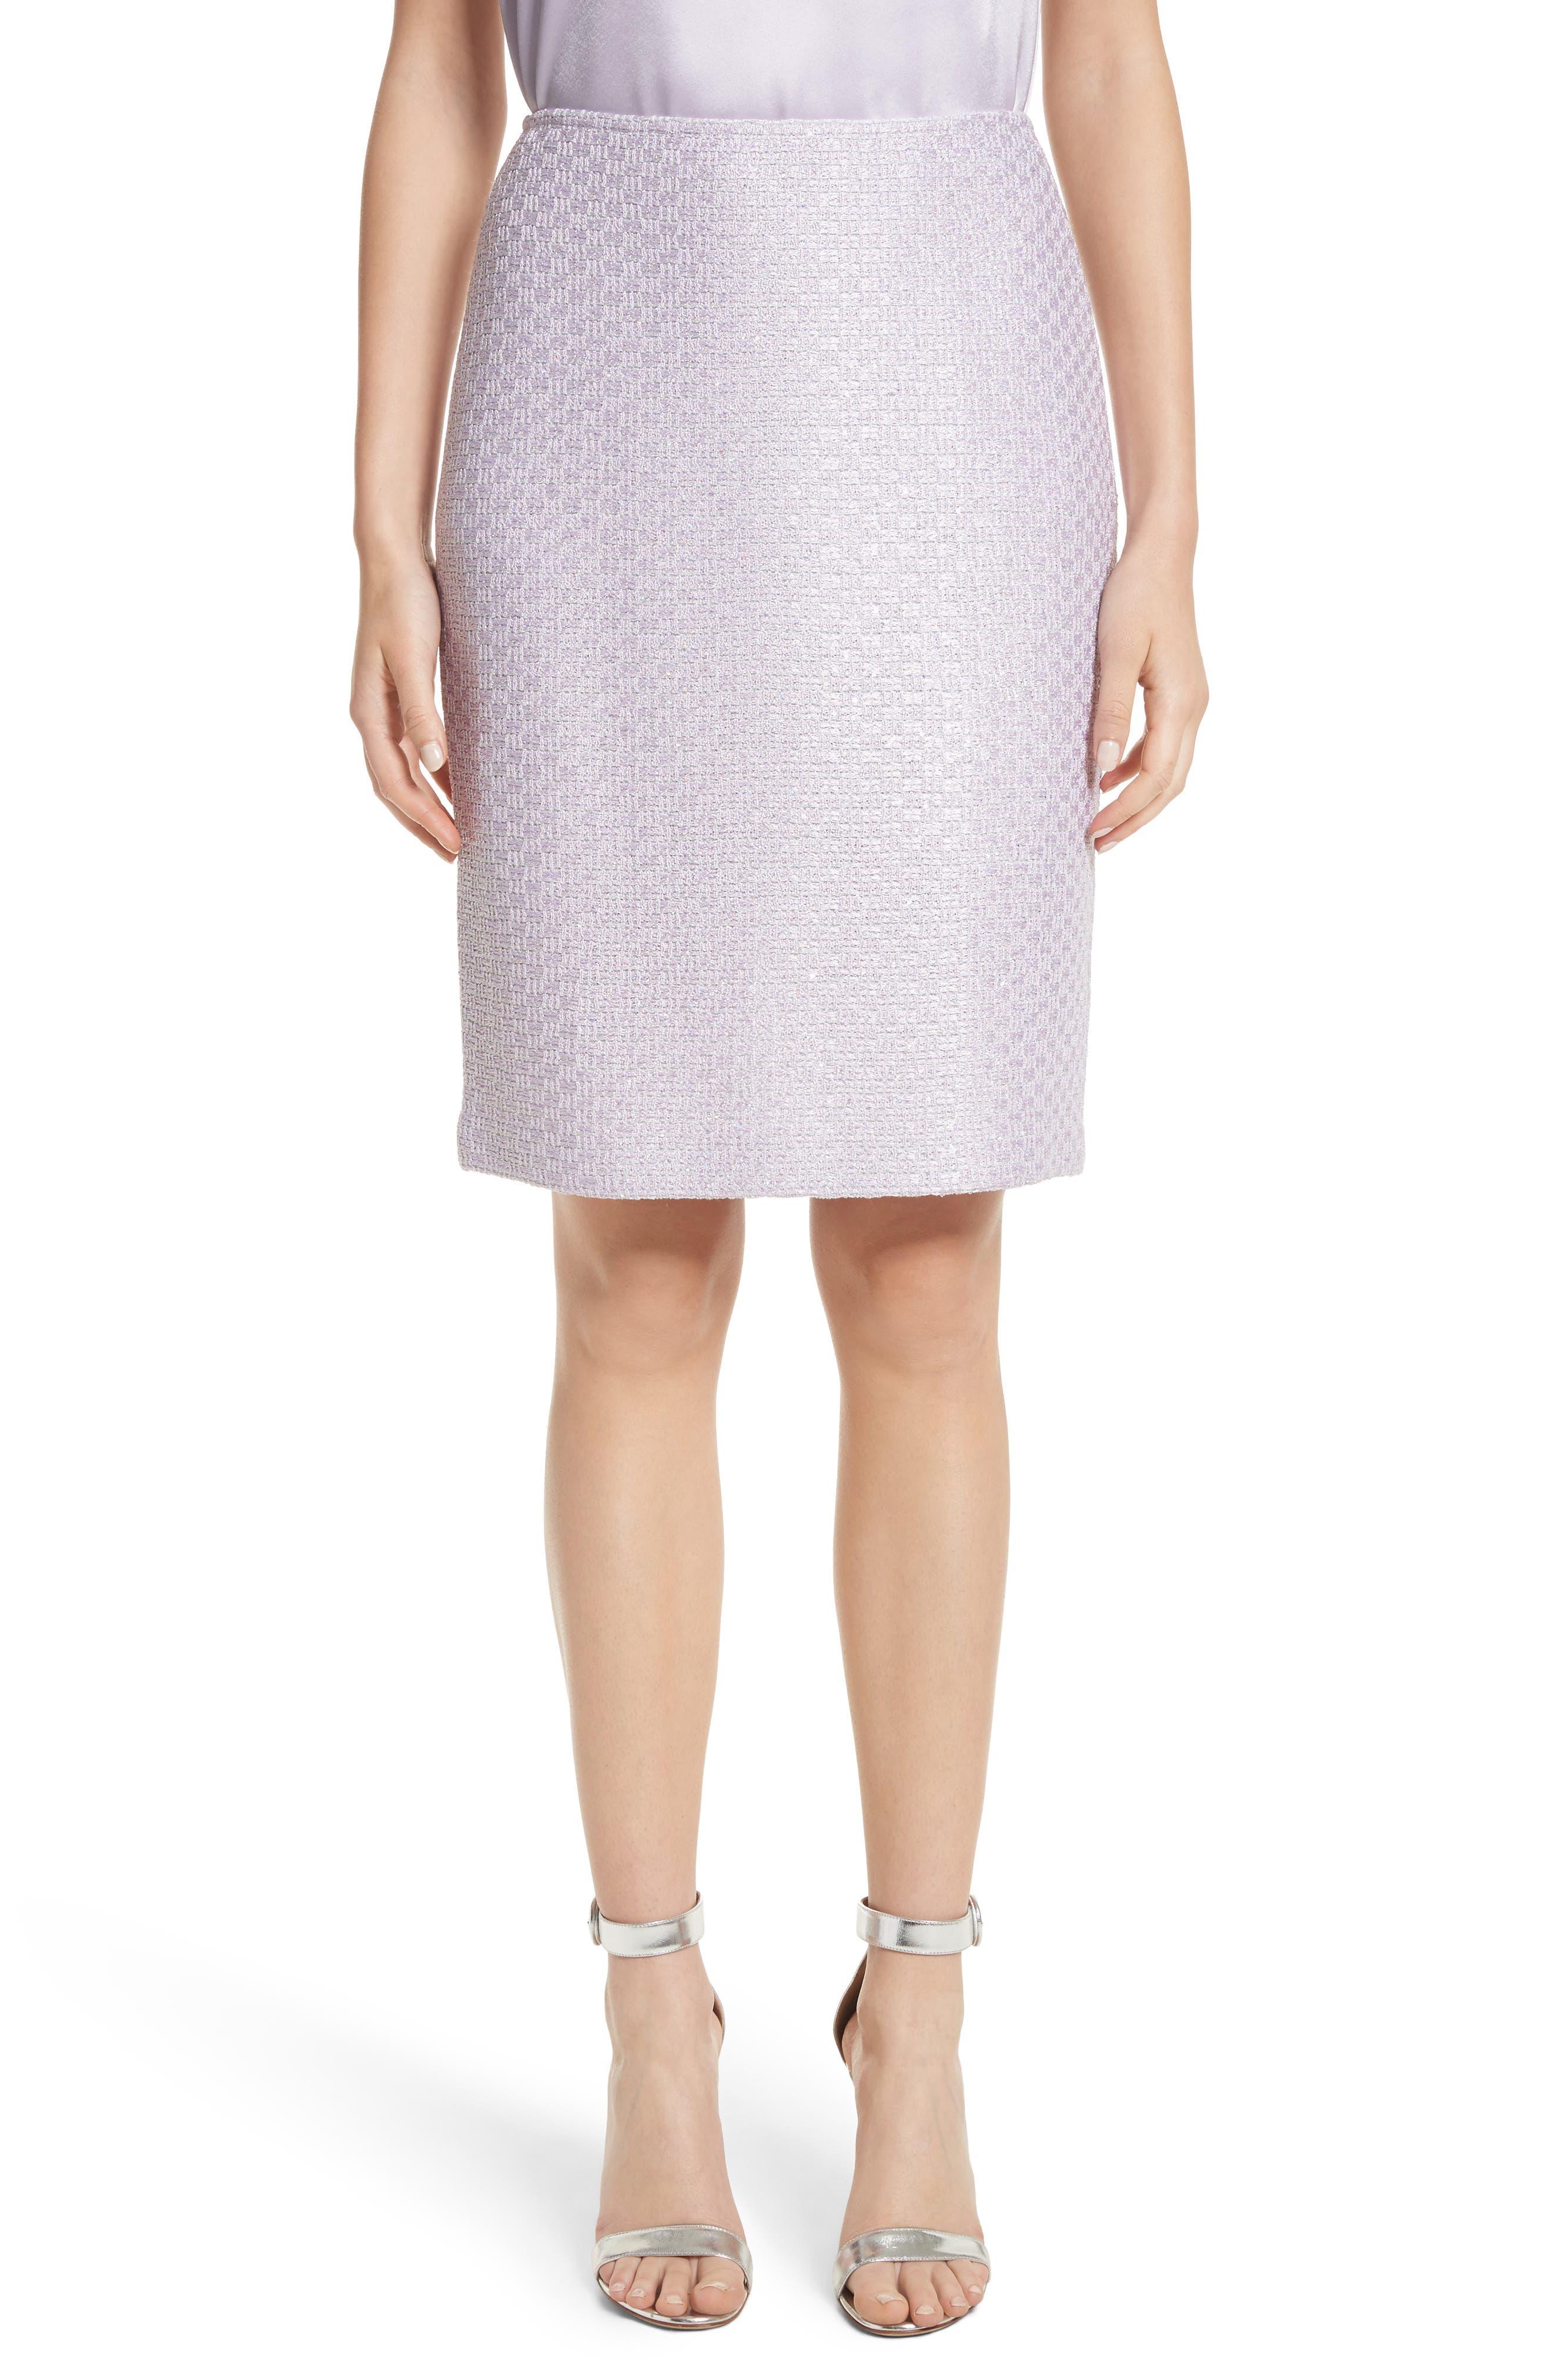 Hansh Sequin Knit Pencil Skirt,                         Main,                         color, Lilac Multi